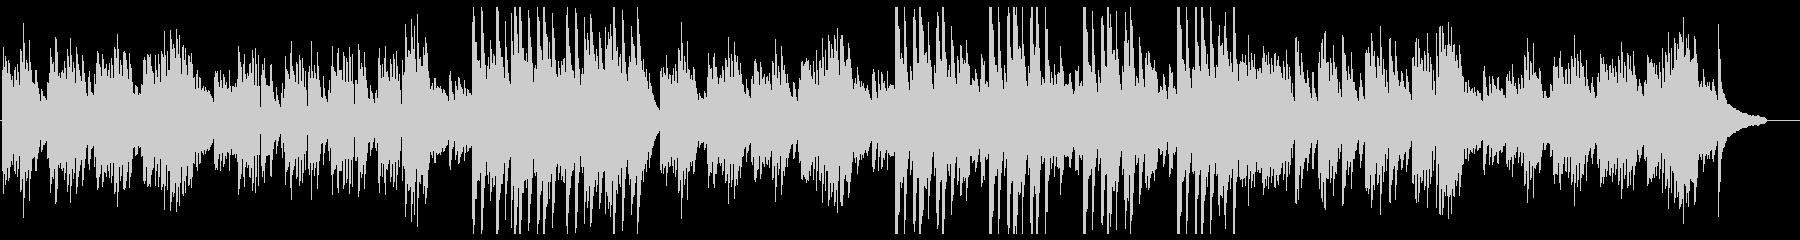 ほんのり切ない優しく穏やかなピアノソロ曲の未再生の波形